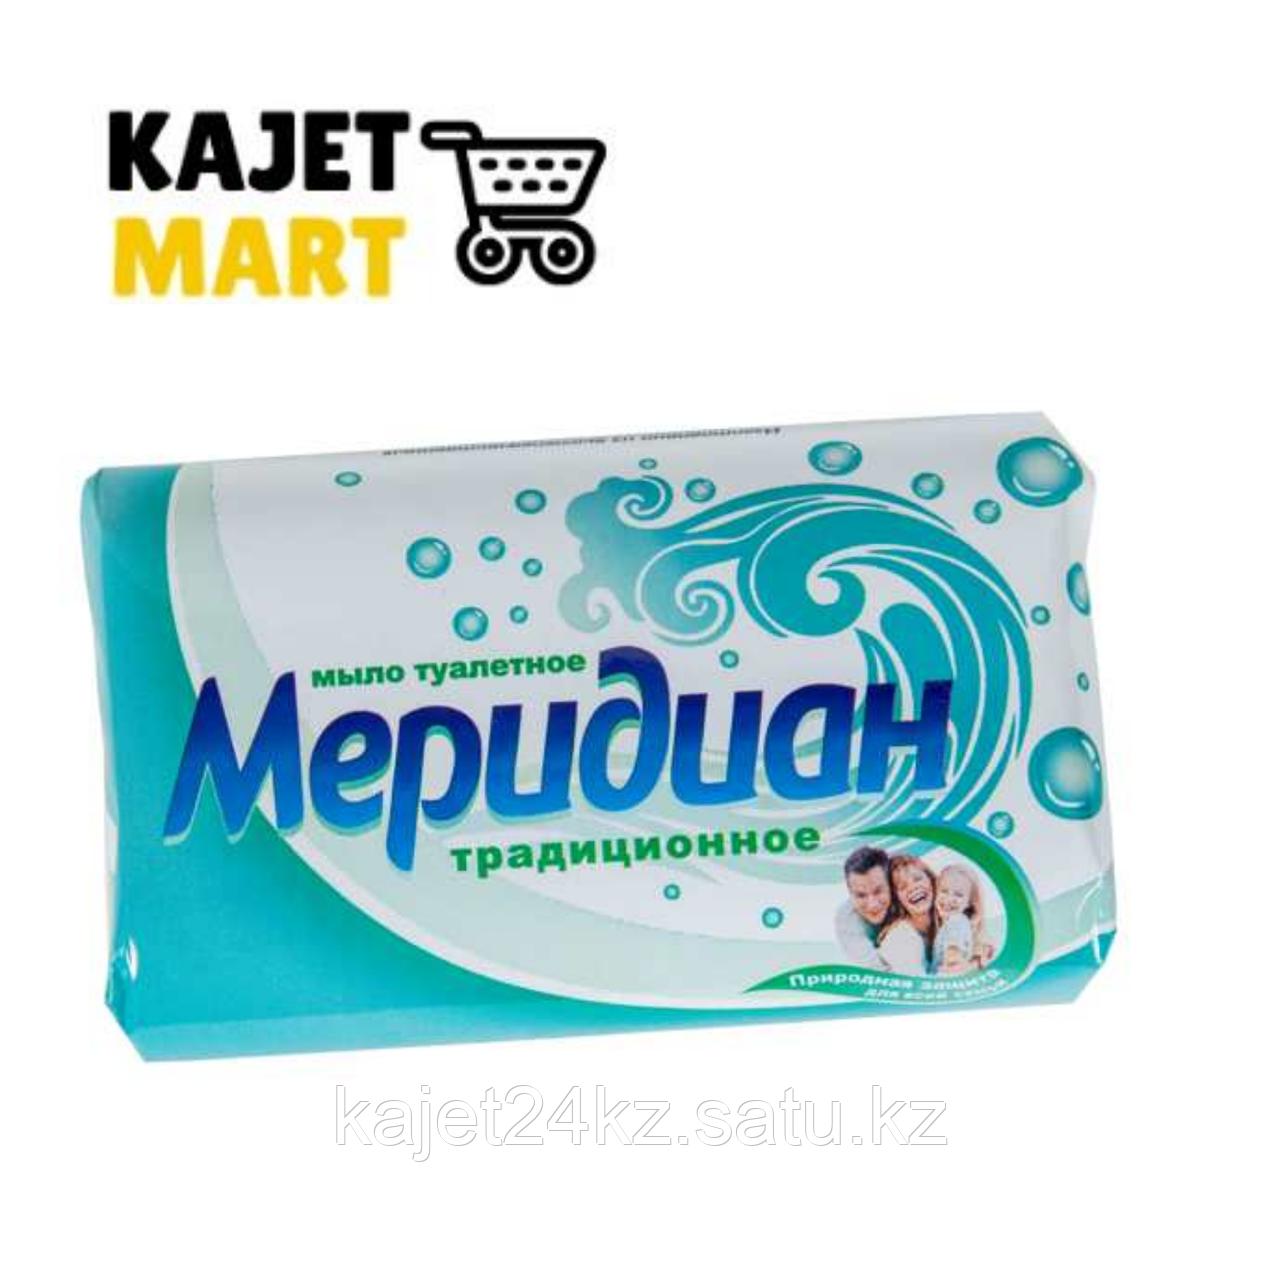 """Мыло туалетное """"Меридиан"""" традиционное 100гр"""